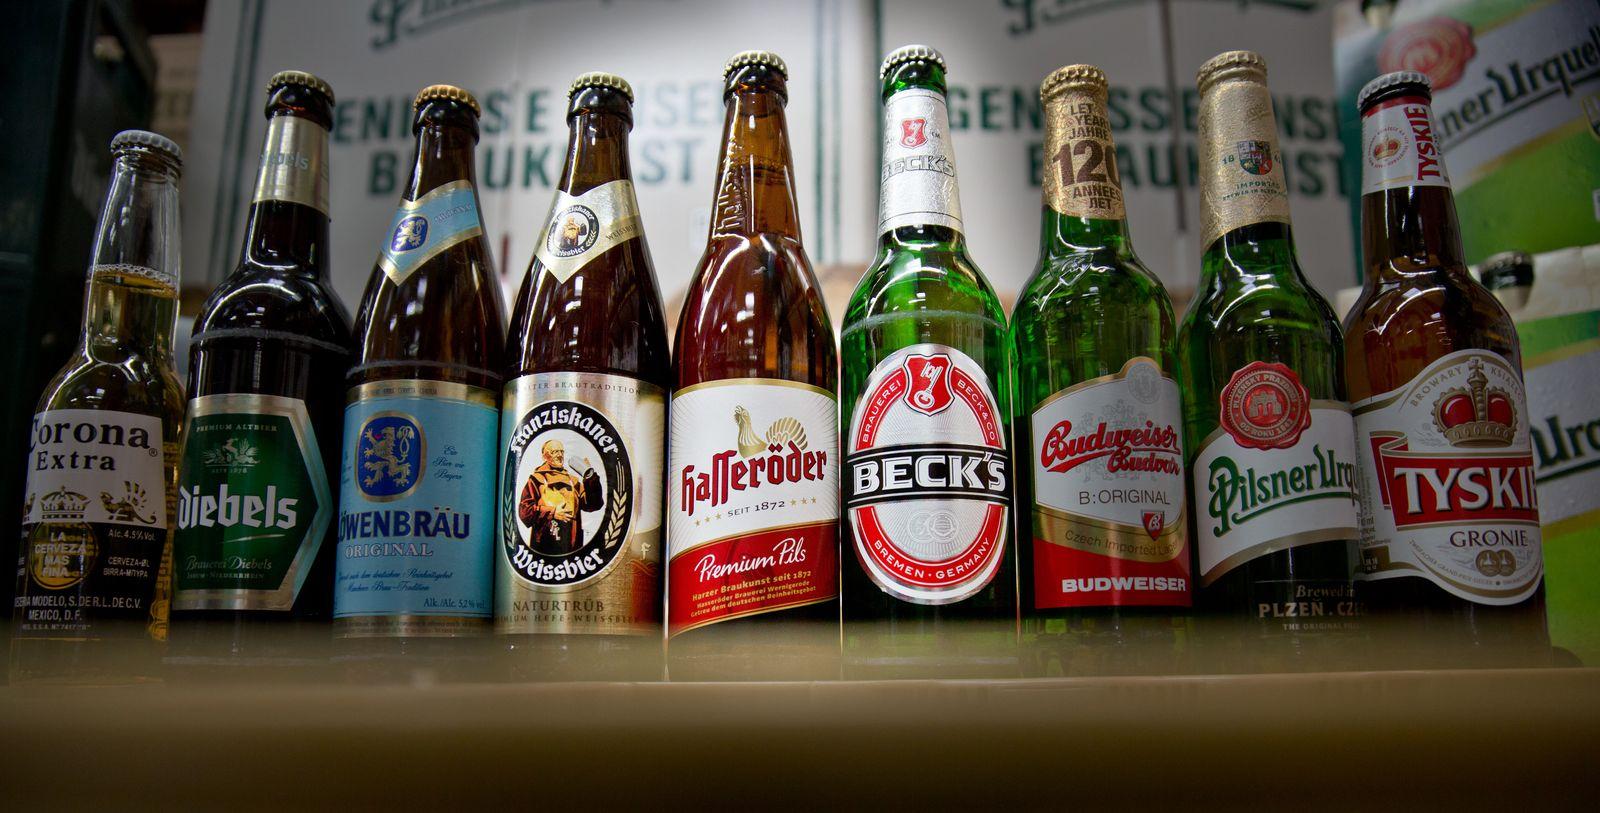 Anheuser-Busch Inbev / Becks / Franziskaner / Hasseröder